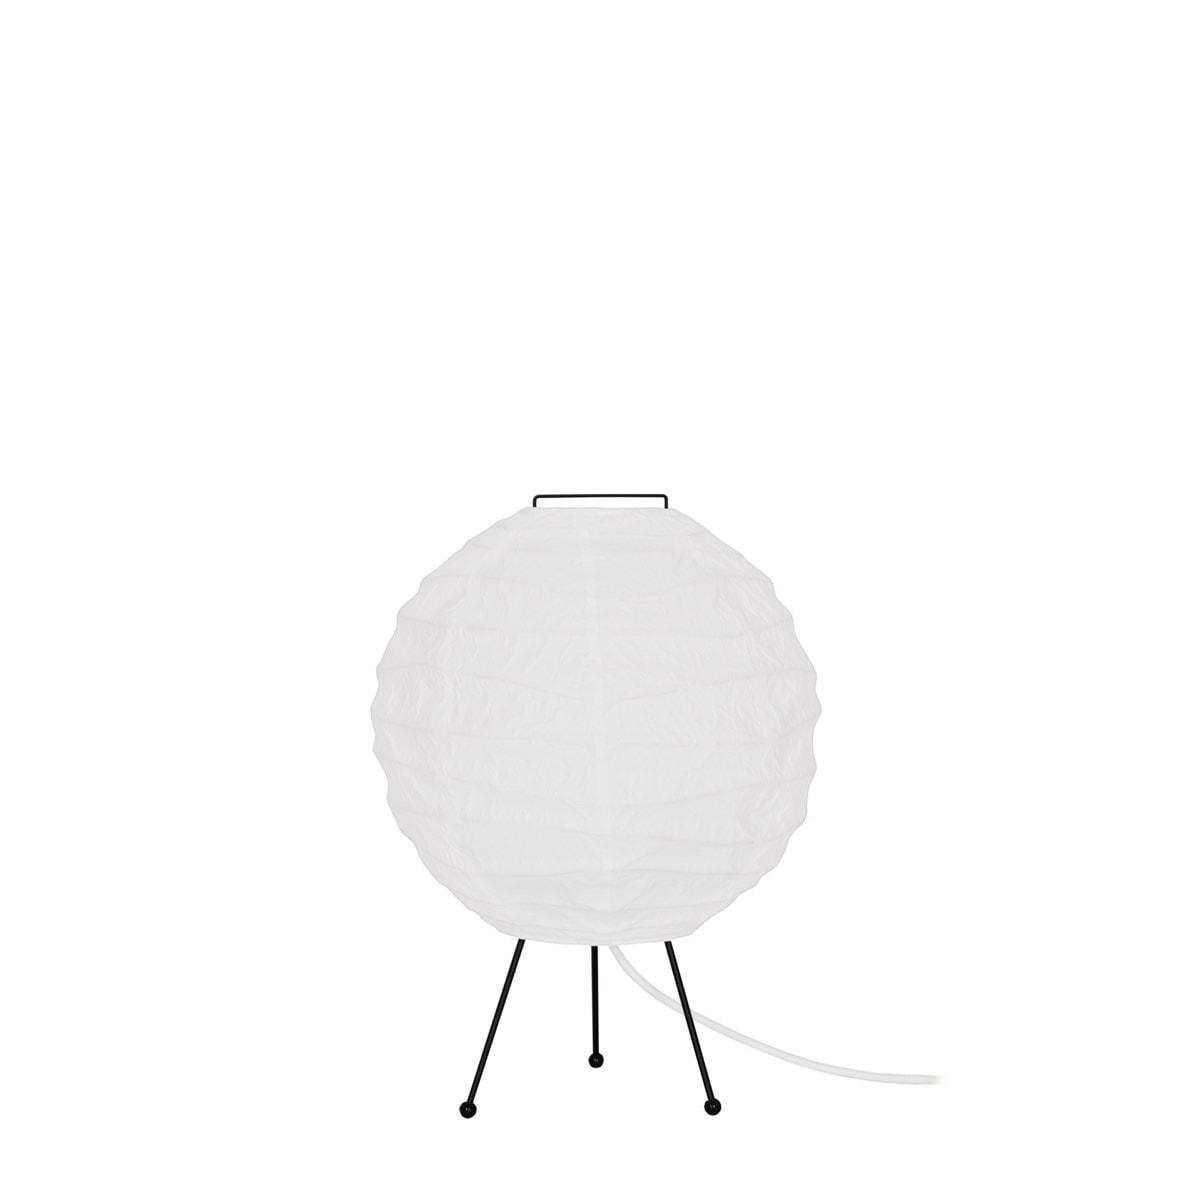 Luminaria-ESFERA-XS30-tripe-18-01-copy